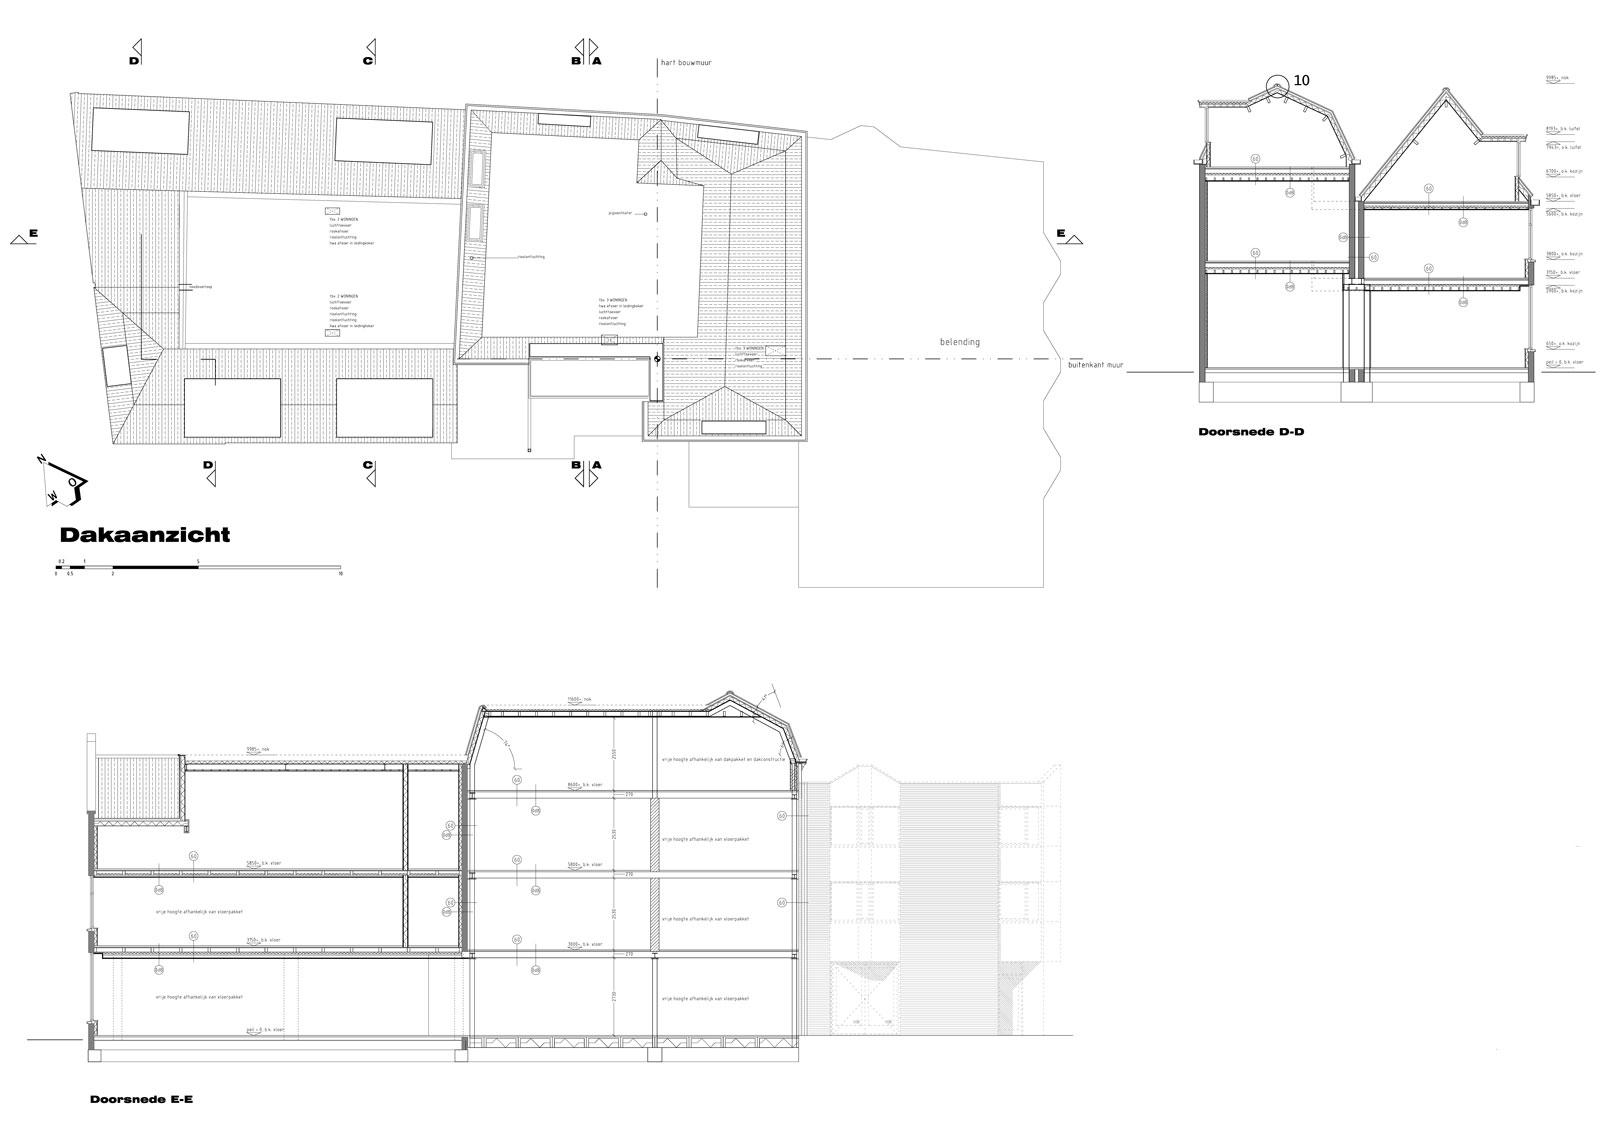 bouwtekening dakaanzicht en doorsneden - wonen boven winkels Peperstraat Purmerend